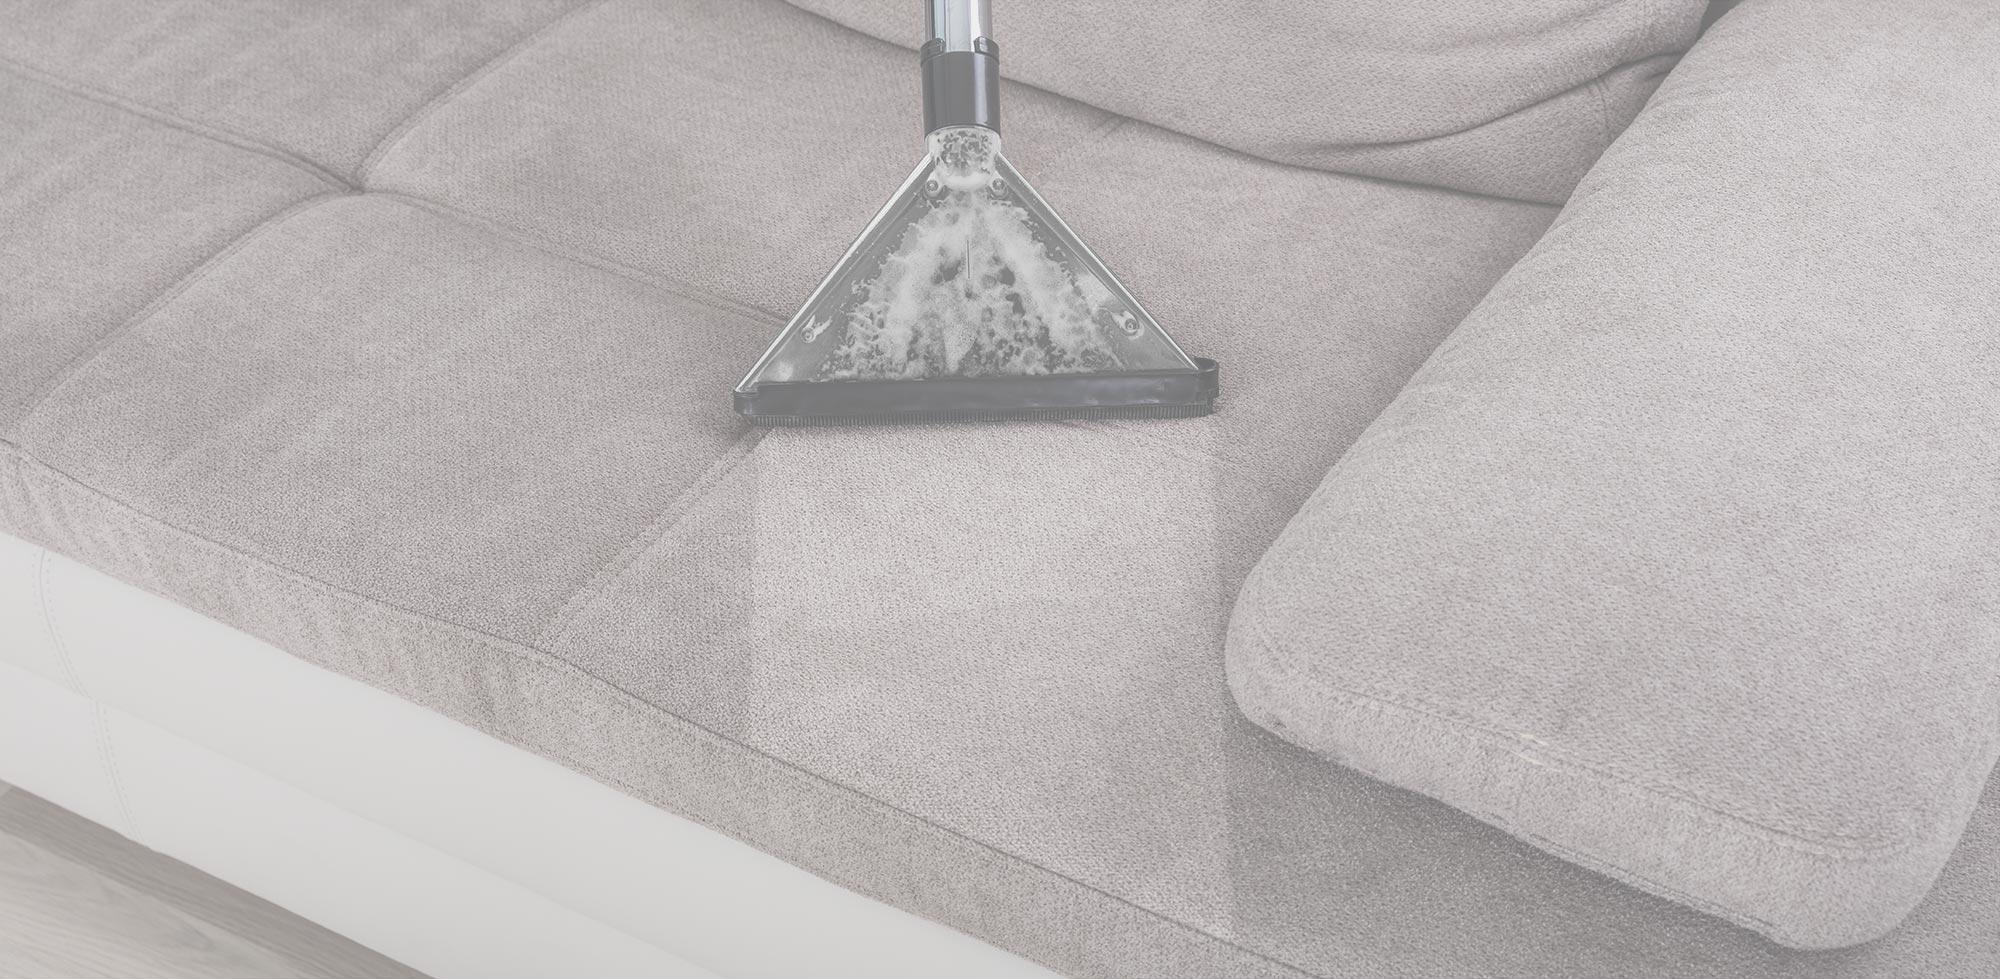 σκούπα ατμού καθαρίζει το σαλόνι